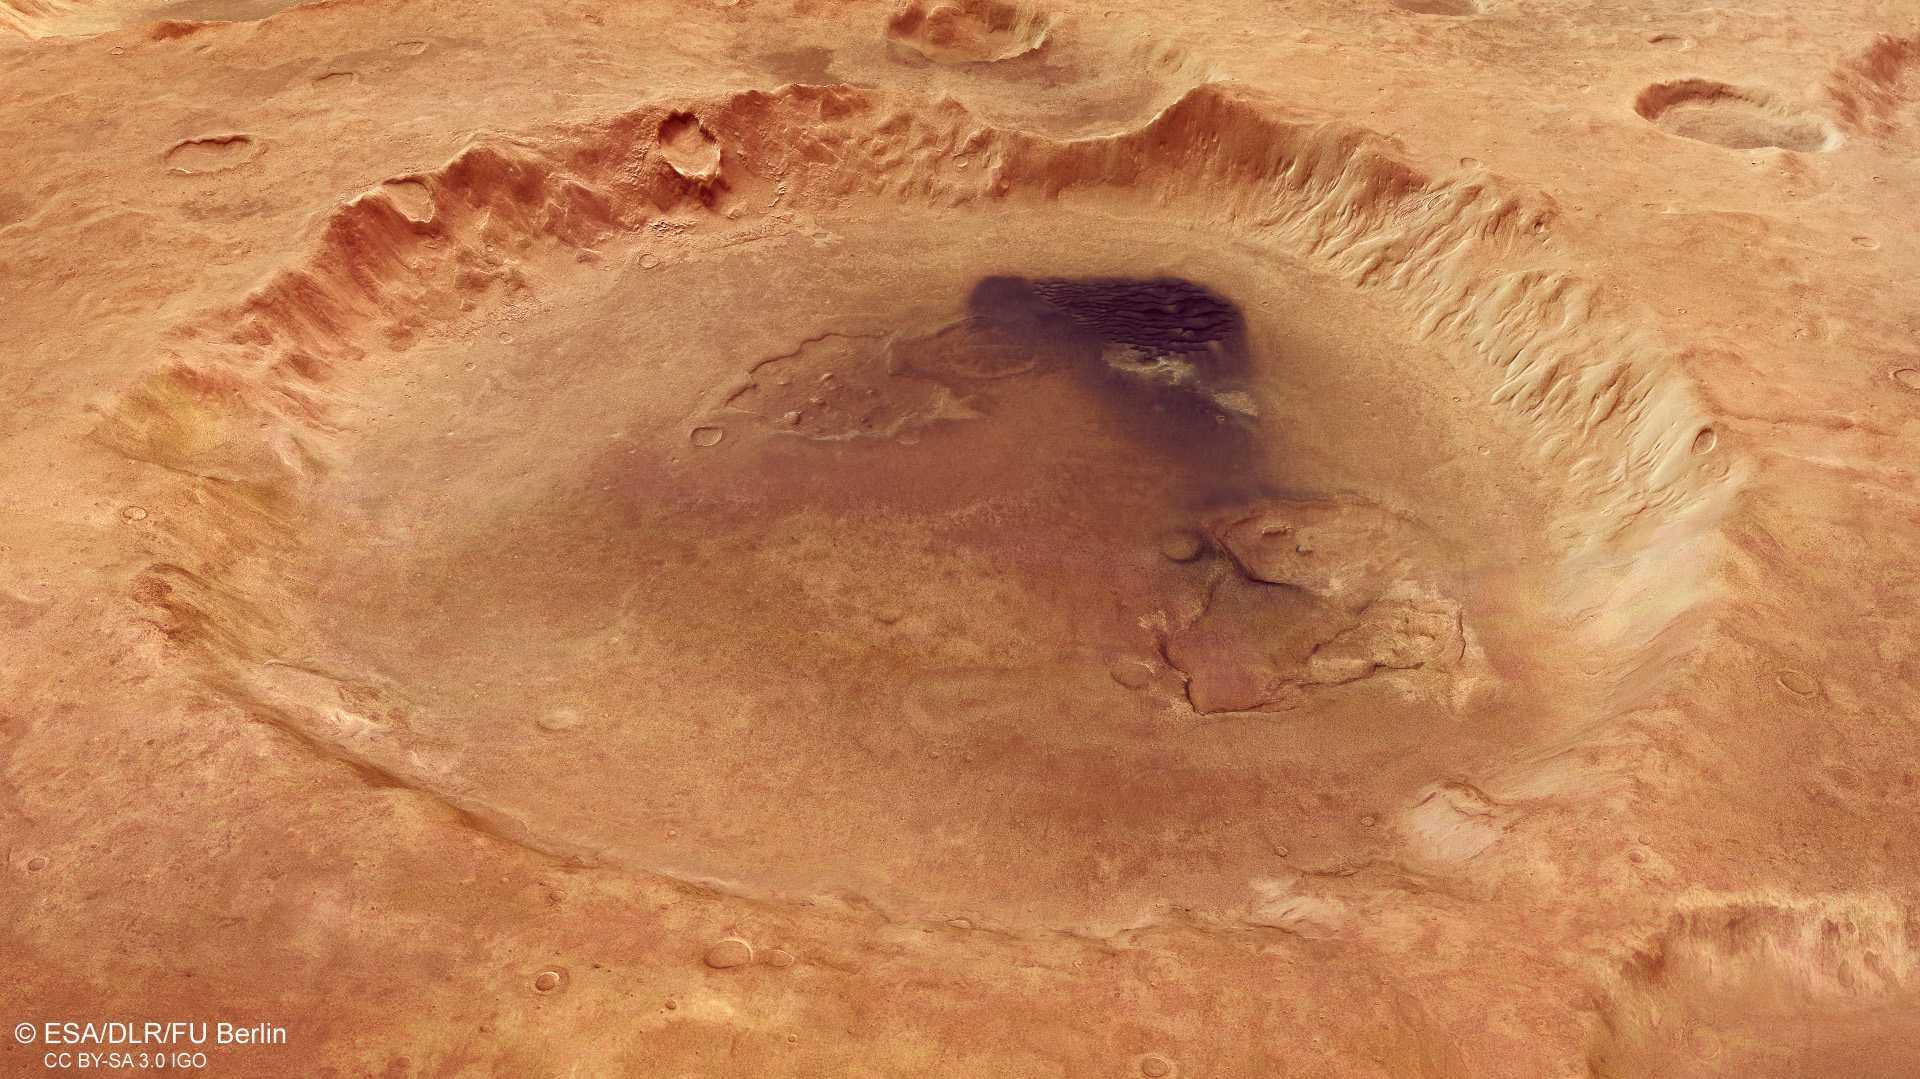 Marskrater nach deutschem Planetenforscher benannt